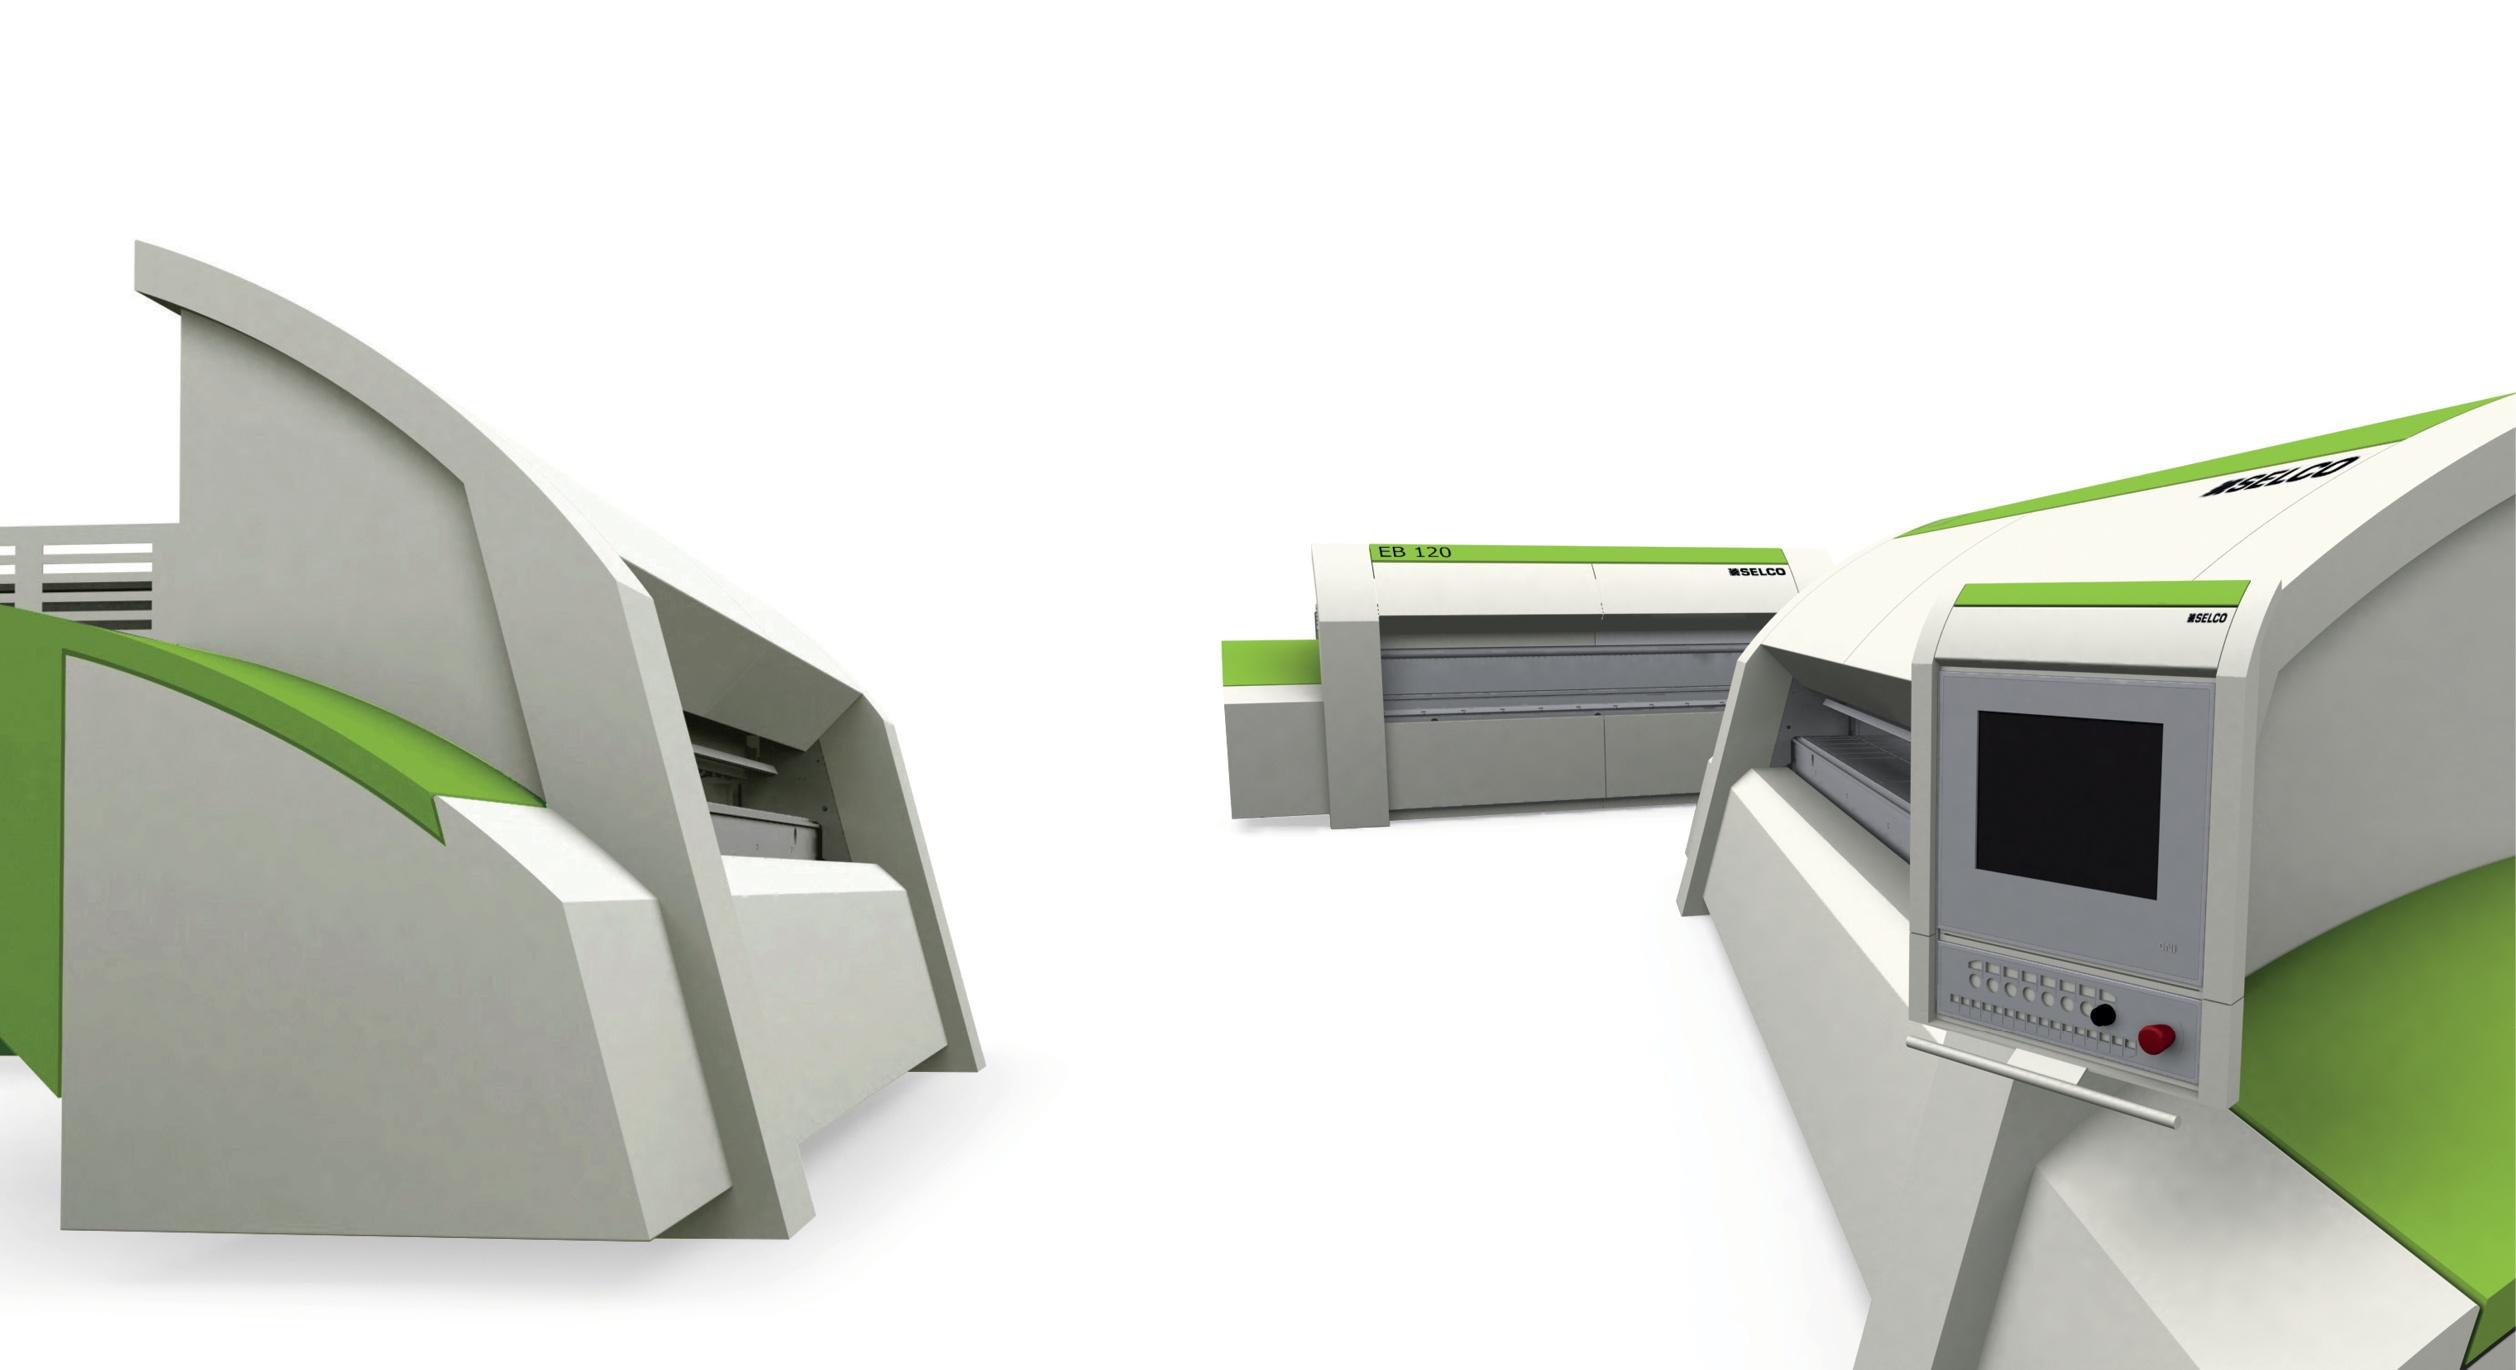 033 PORTFOLIO BIESSE SELCO EB 100 120 Industrial design delle carrozzerie per linea di macchine Pannellatrici per legno